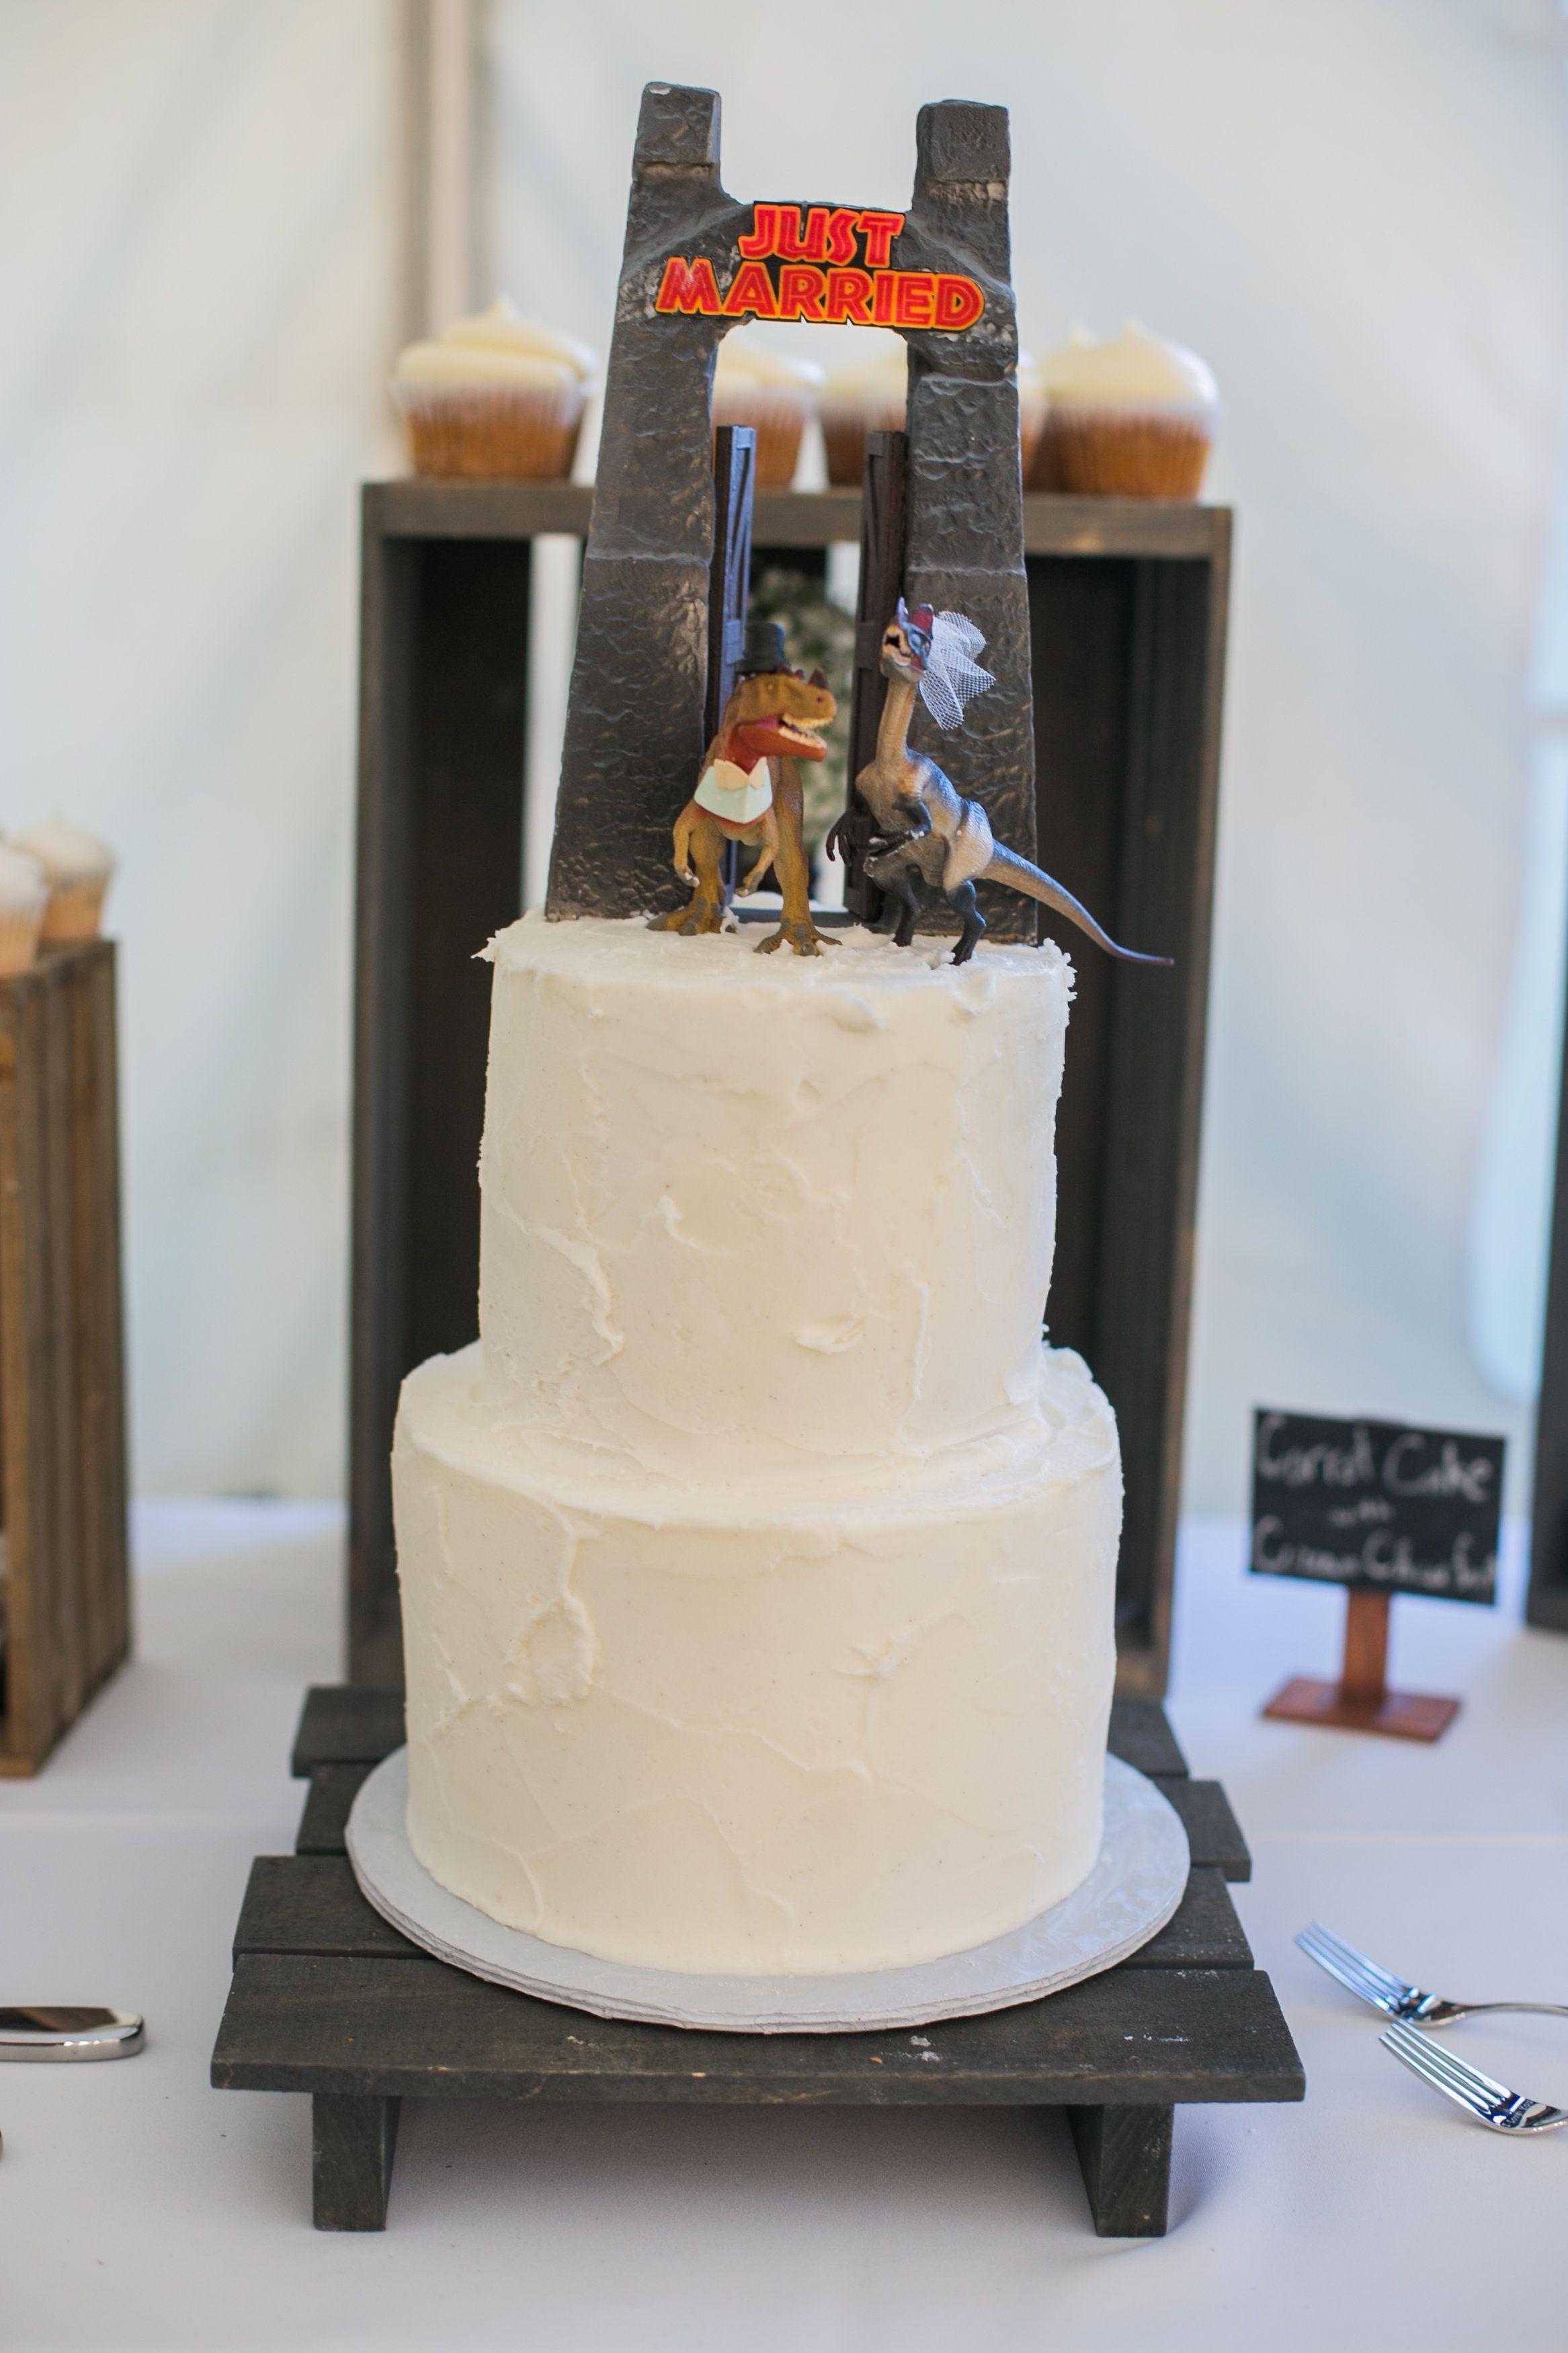 Jurassic Park Themed Wedding Cake | Nerds Gone Wild | Pinterest ...